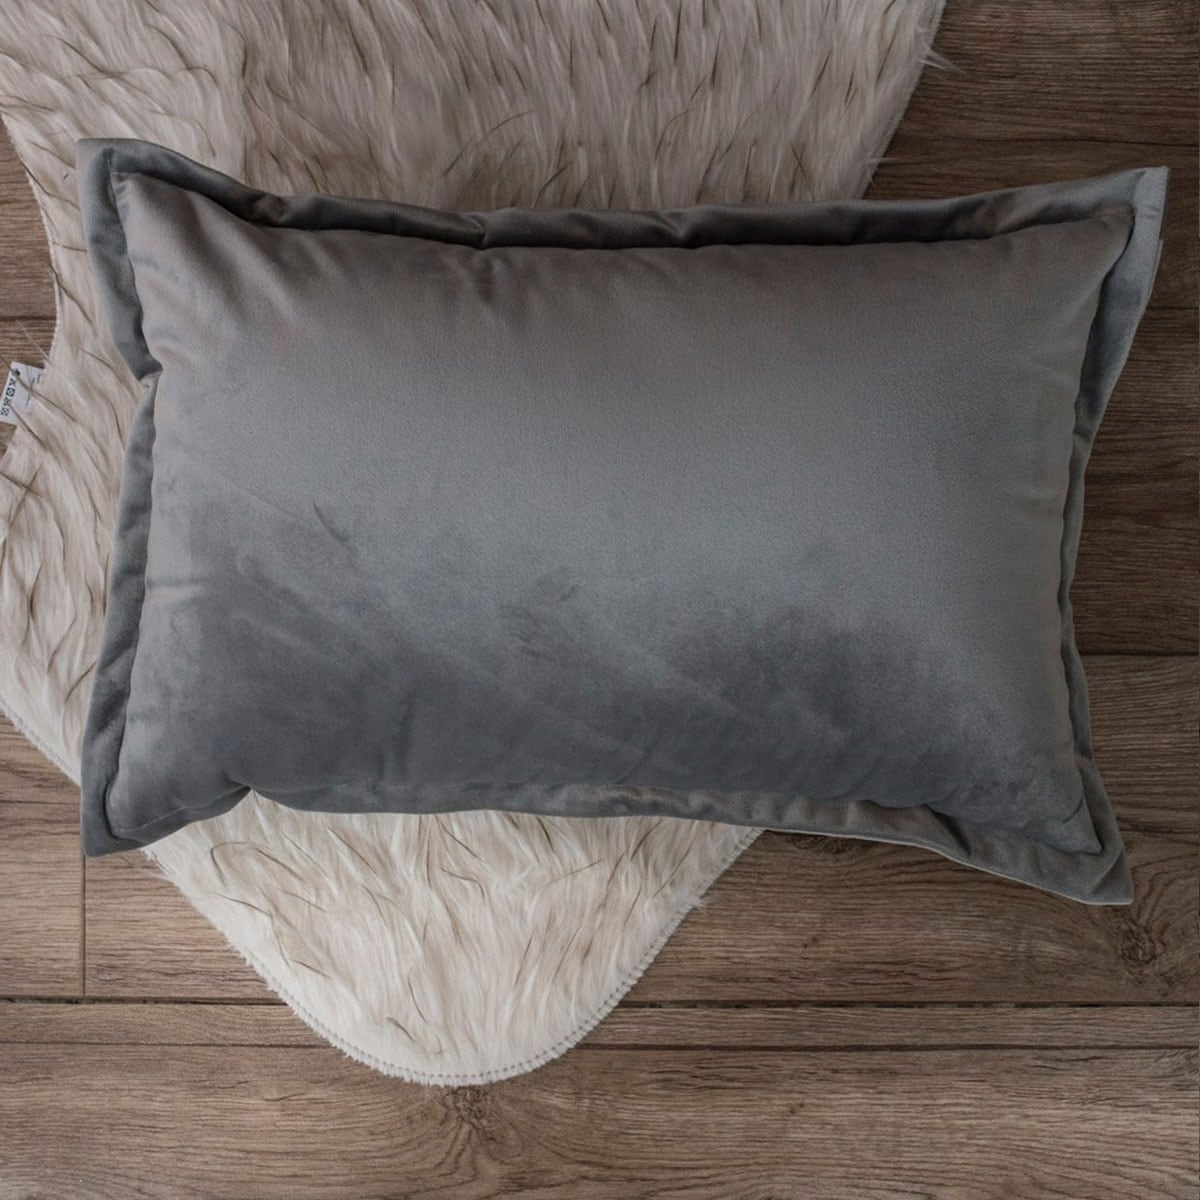 Μαξιλαροθήκη Διακοσμητική Velvet 11 Silver Teoran 30Χ50 100% Ακρυλικό